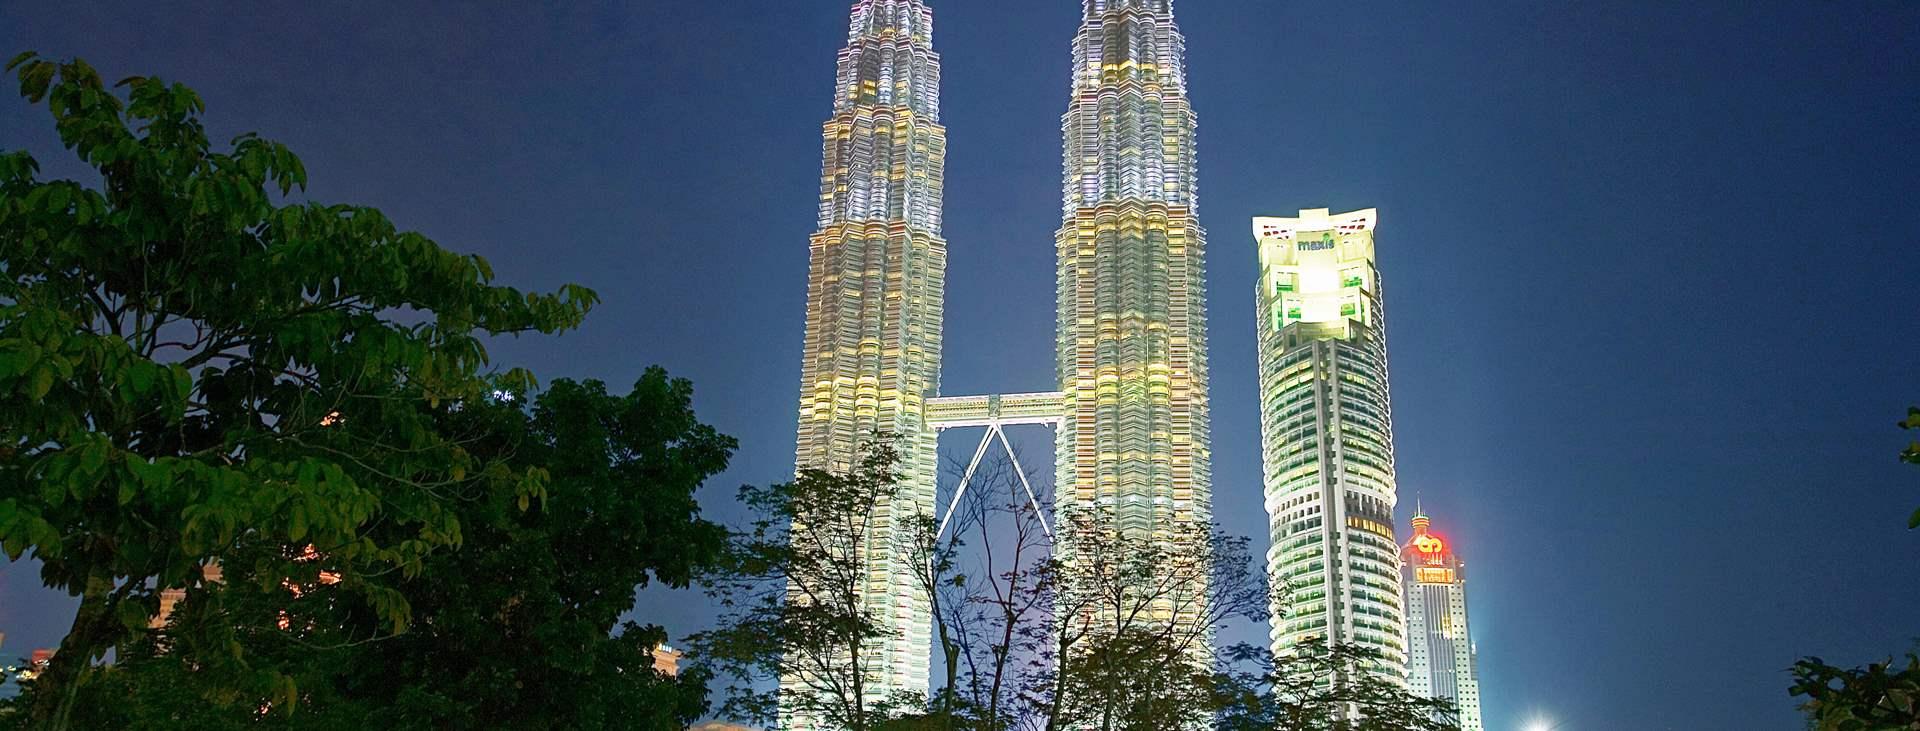 Varaa matka Kuala Lumpuriin, Malesiaan Tjäreborgilta